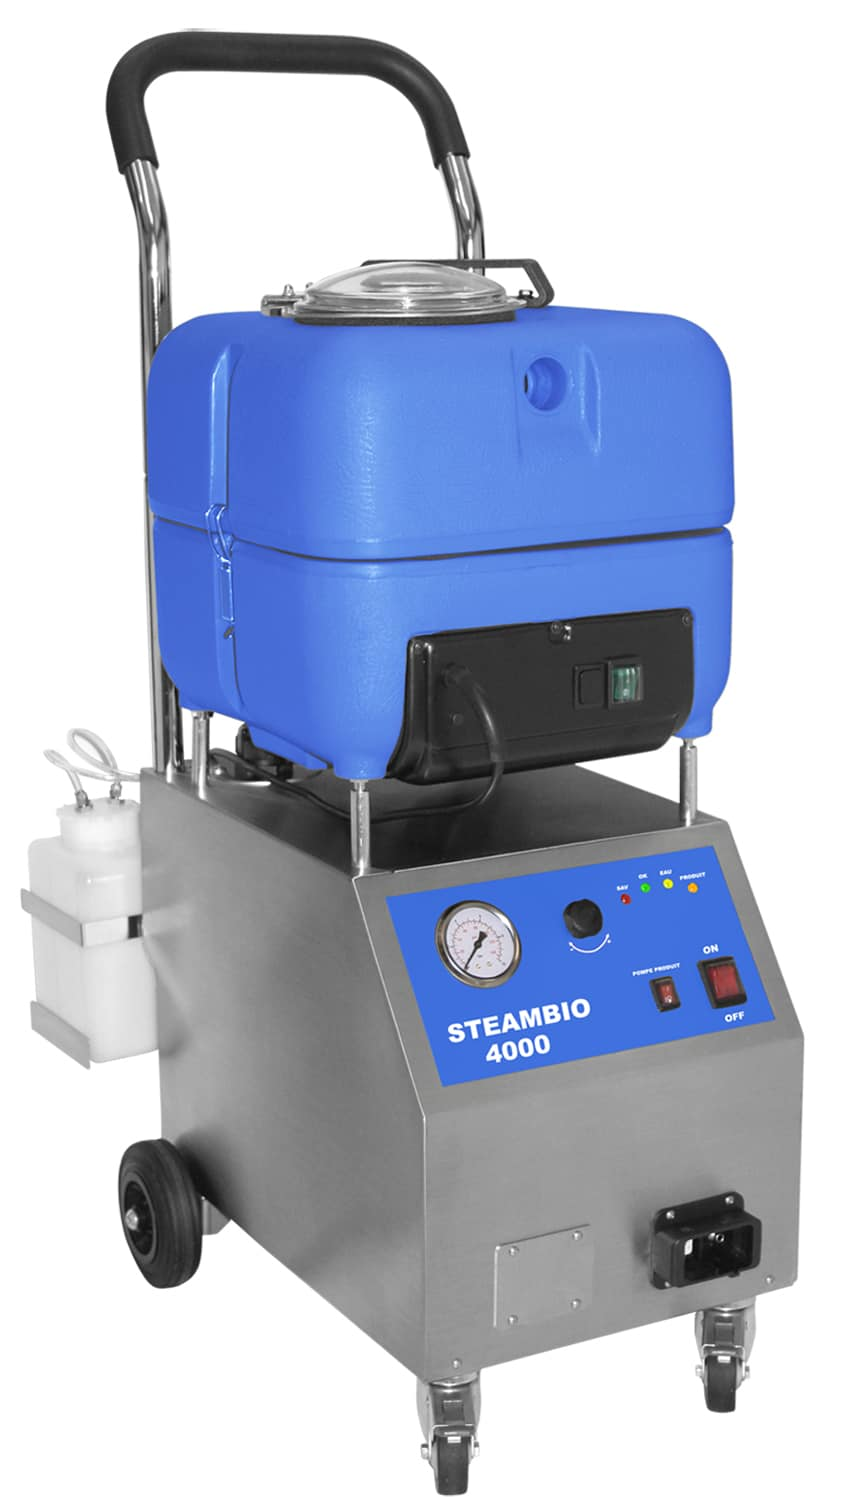 Nettoyeur vapeur aspirateur professionnel | Steambio 4000